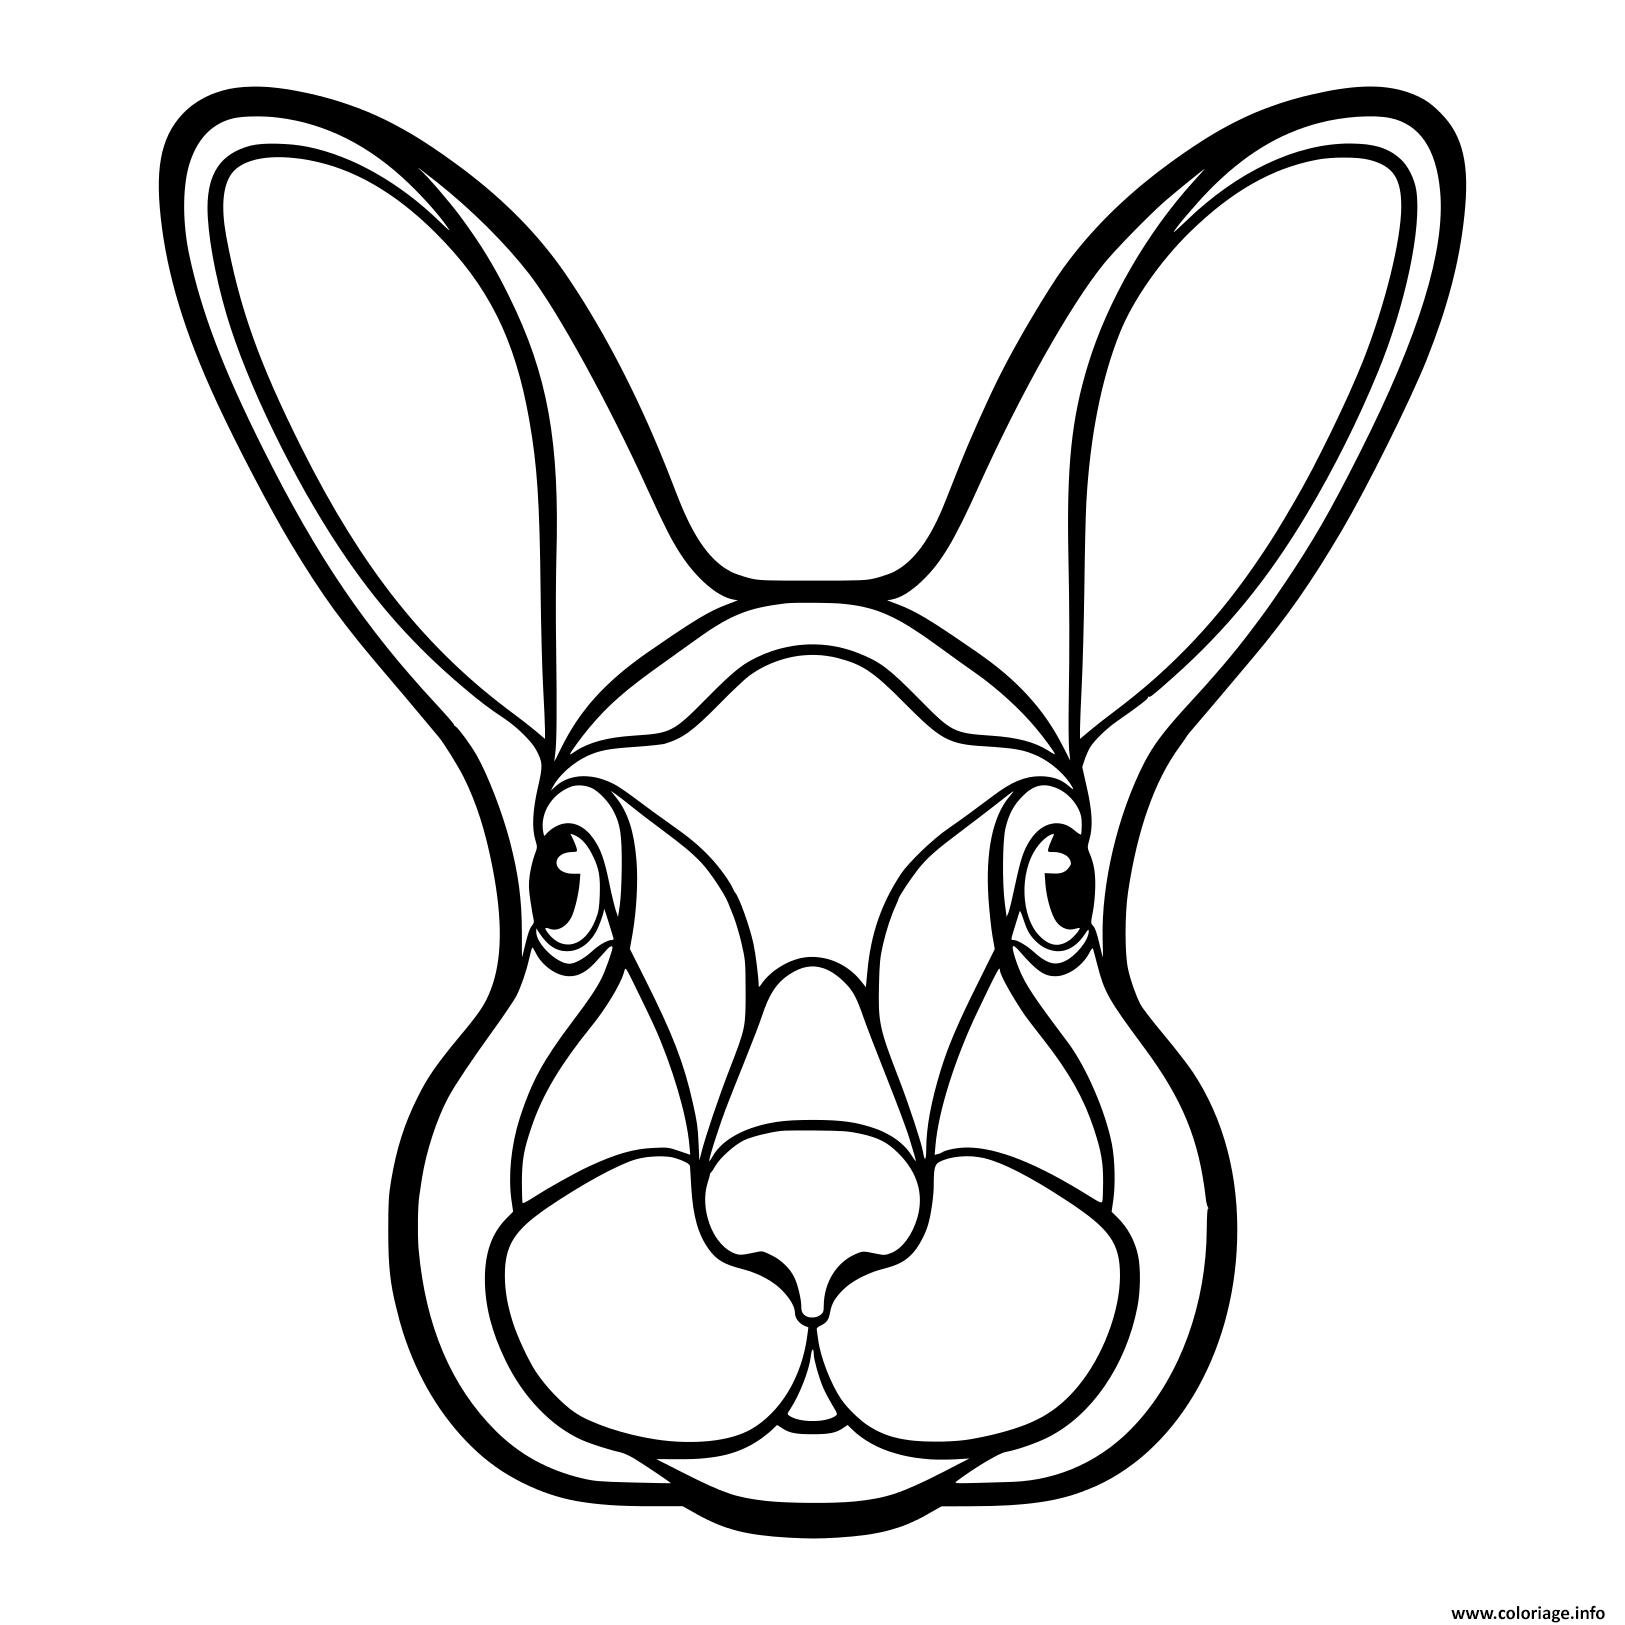 Dessin tete de lapin lievre isole realiste Coloriage Gratuit à Imprimer